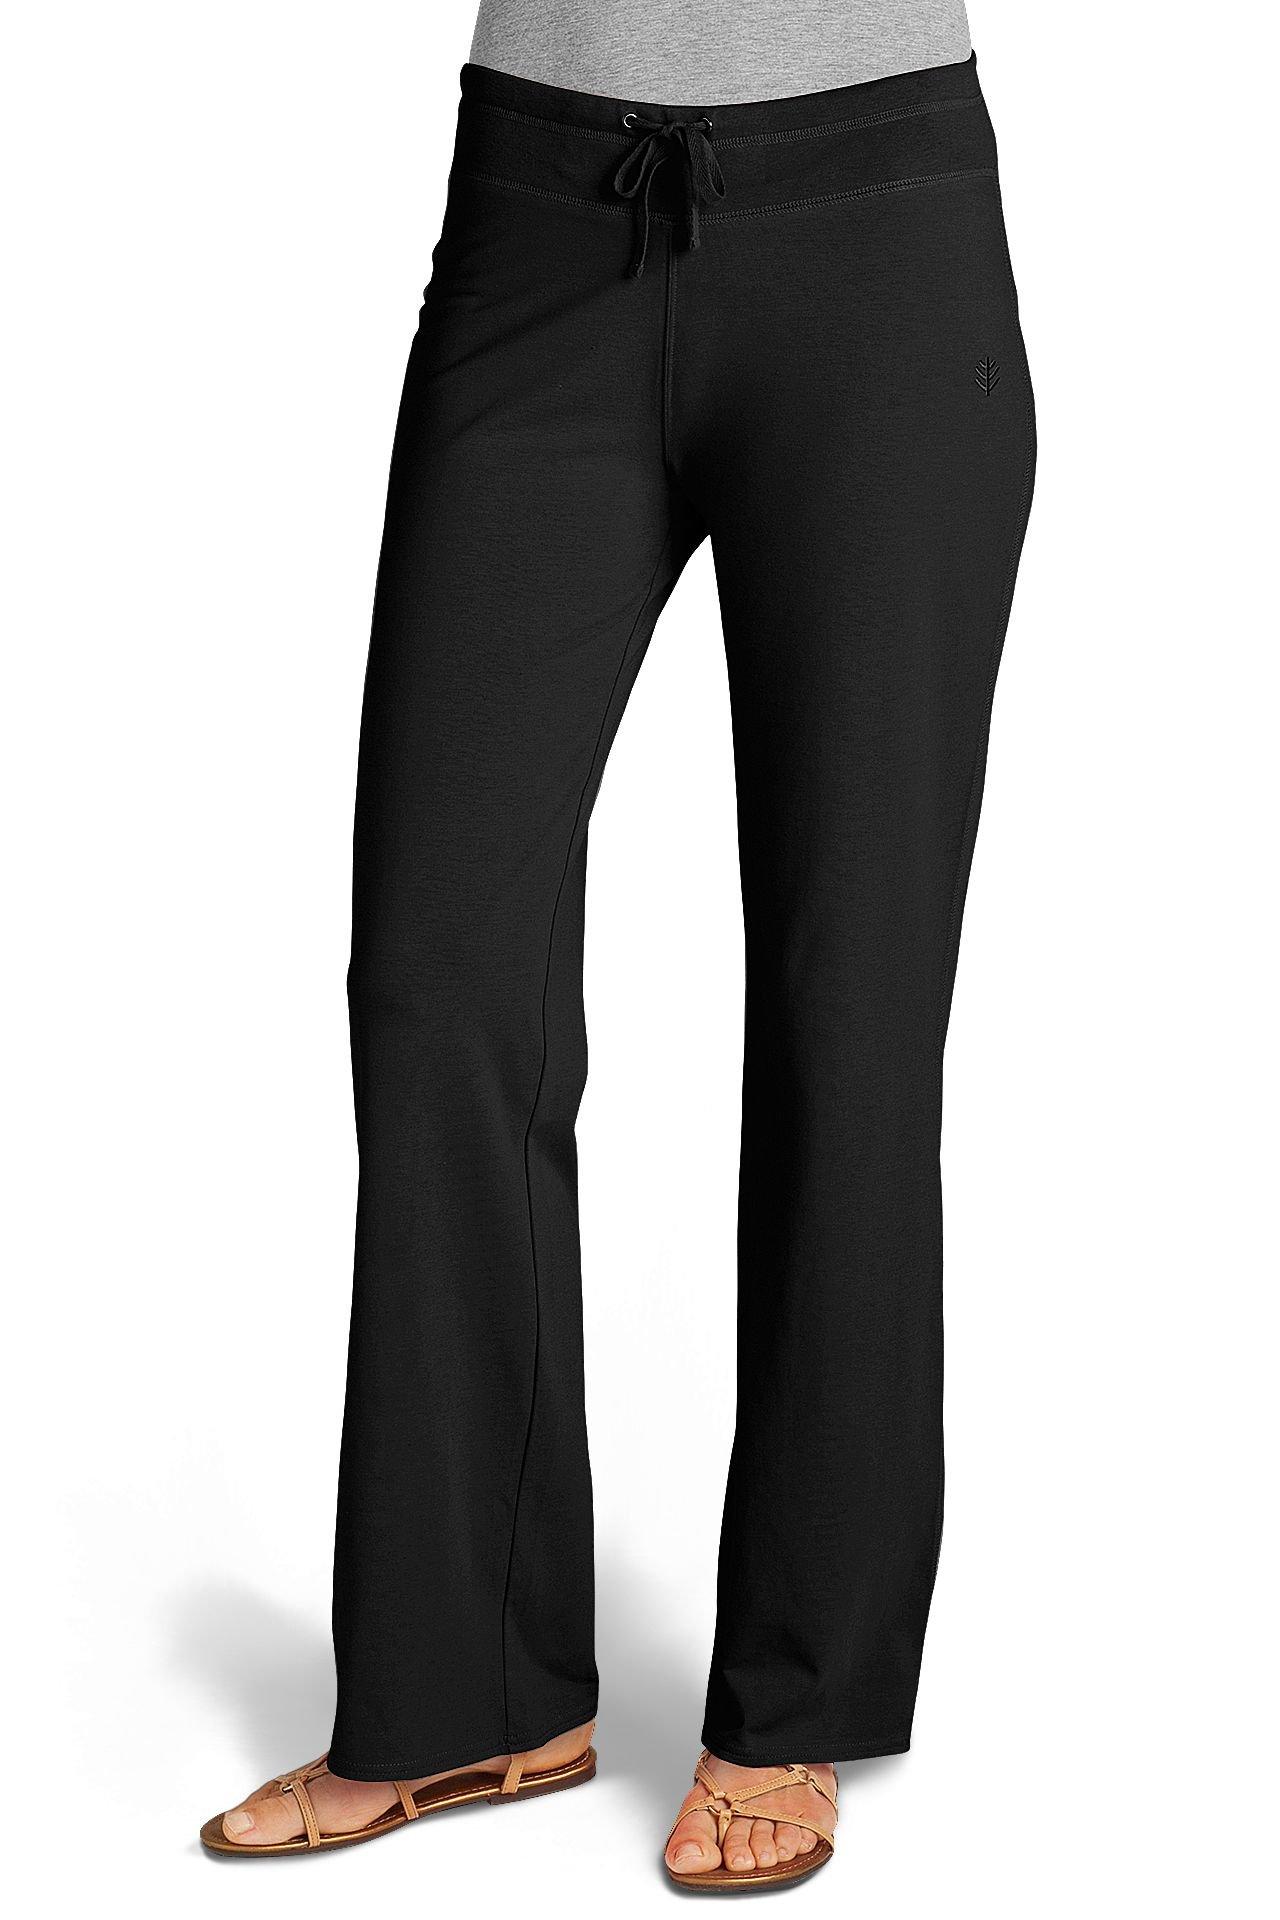 Coolibar Damen Strandhose UPF 50 Plus, Black, XXL, 01249-BL